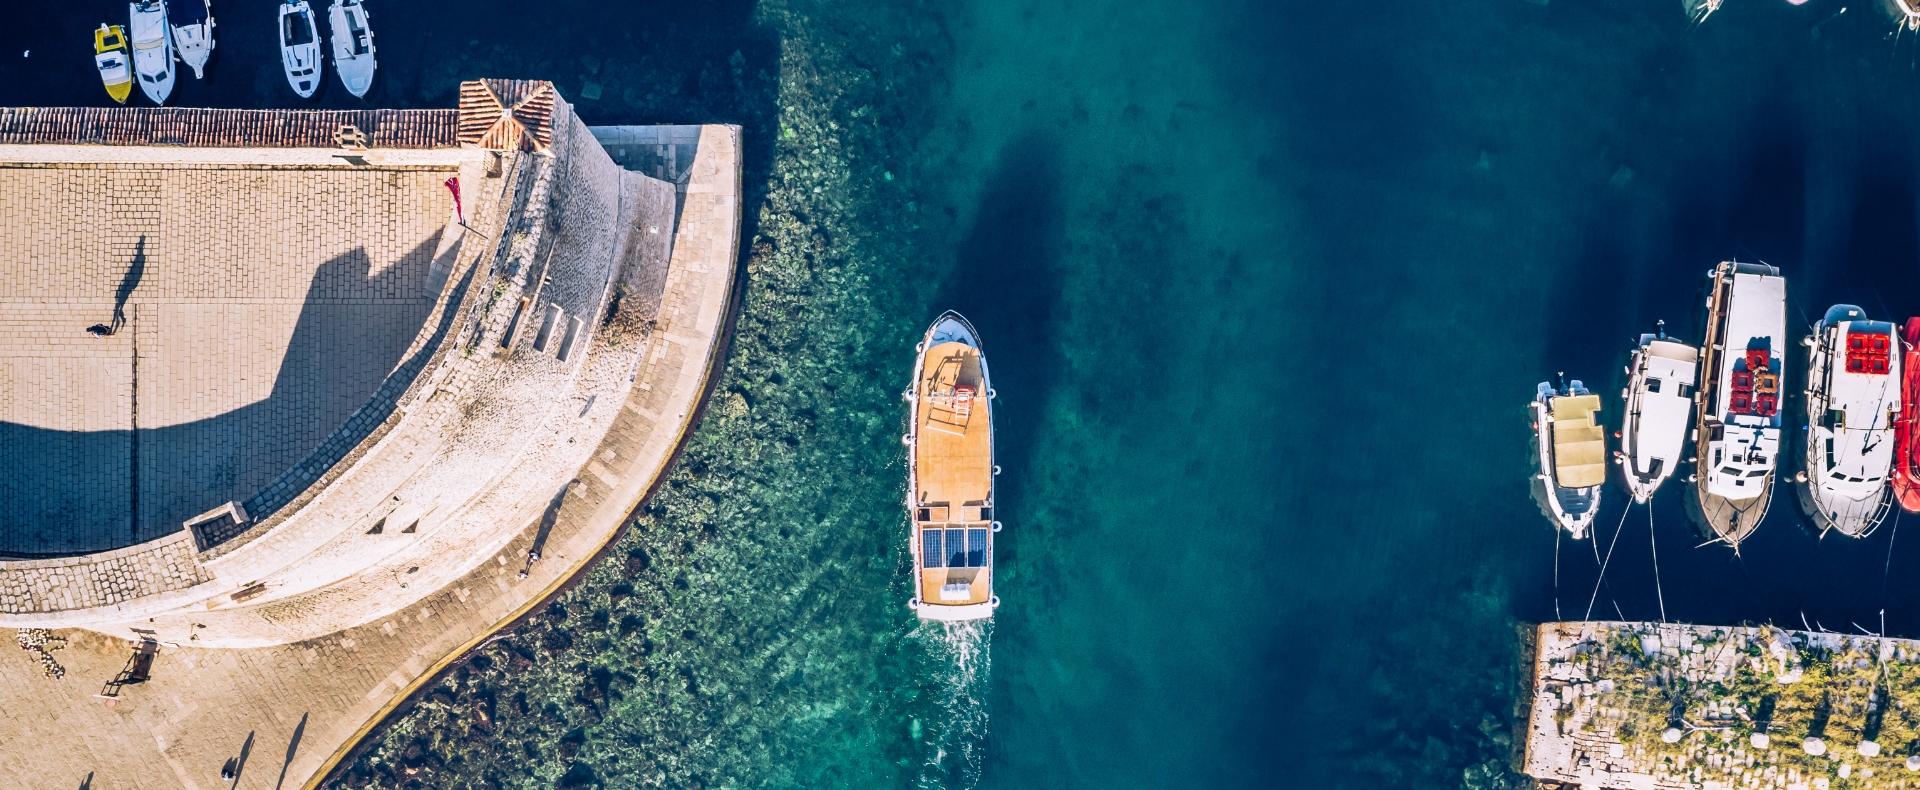 Build a trip in Croatia